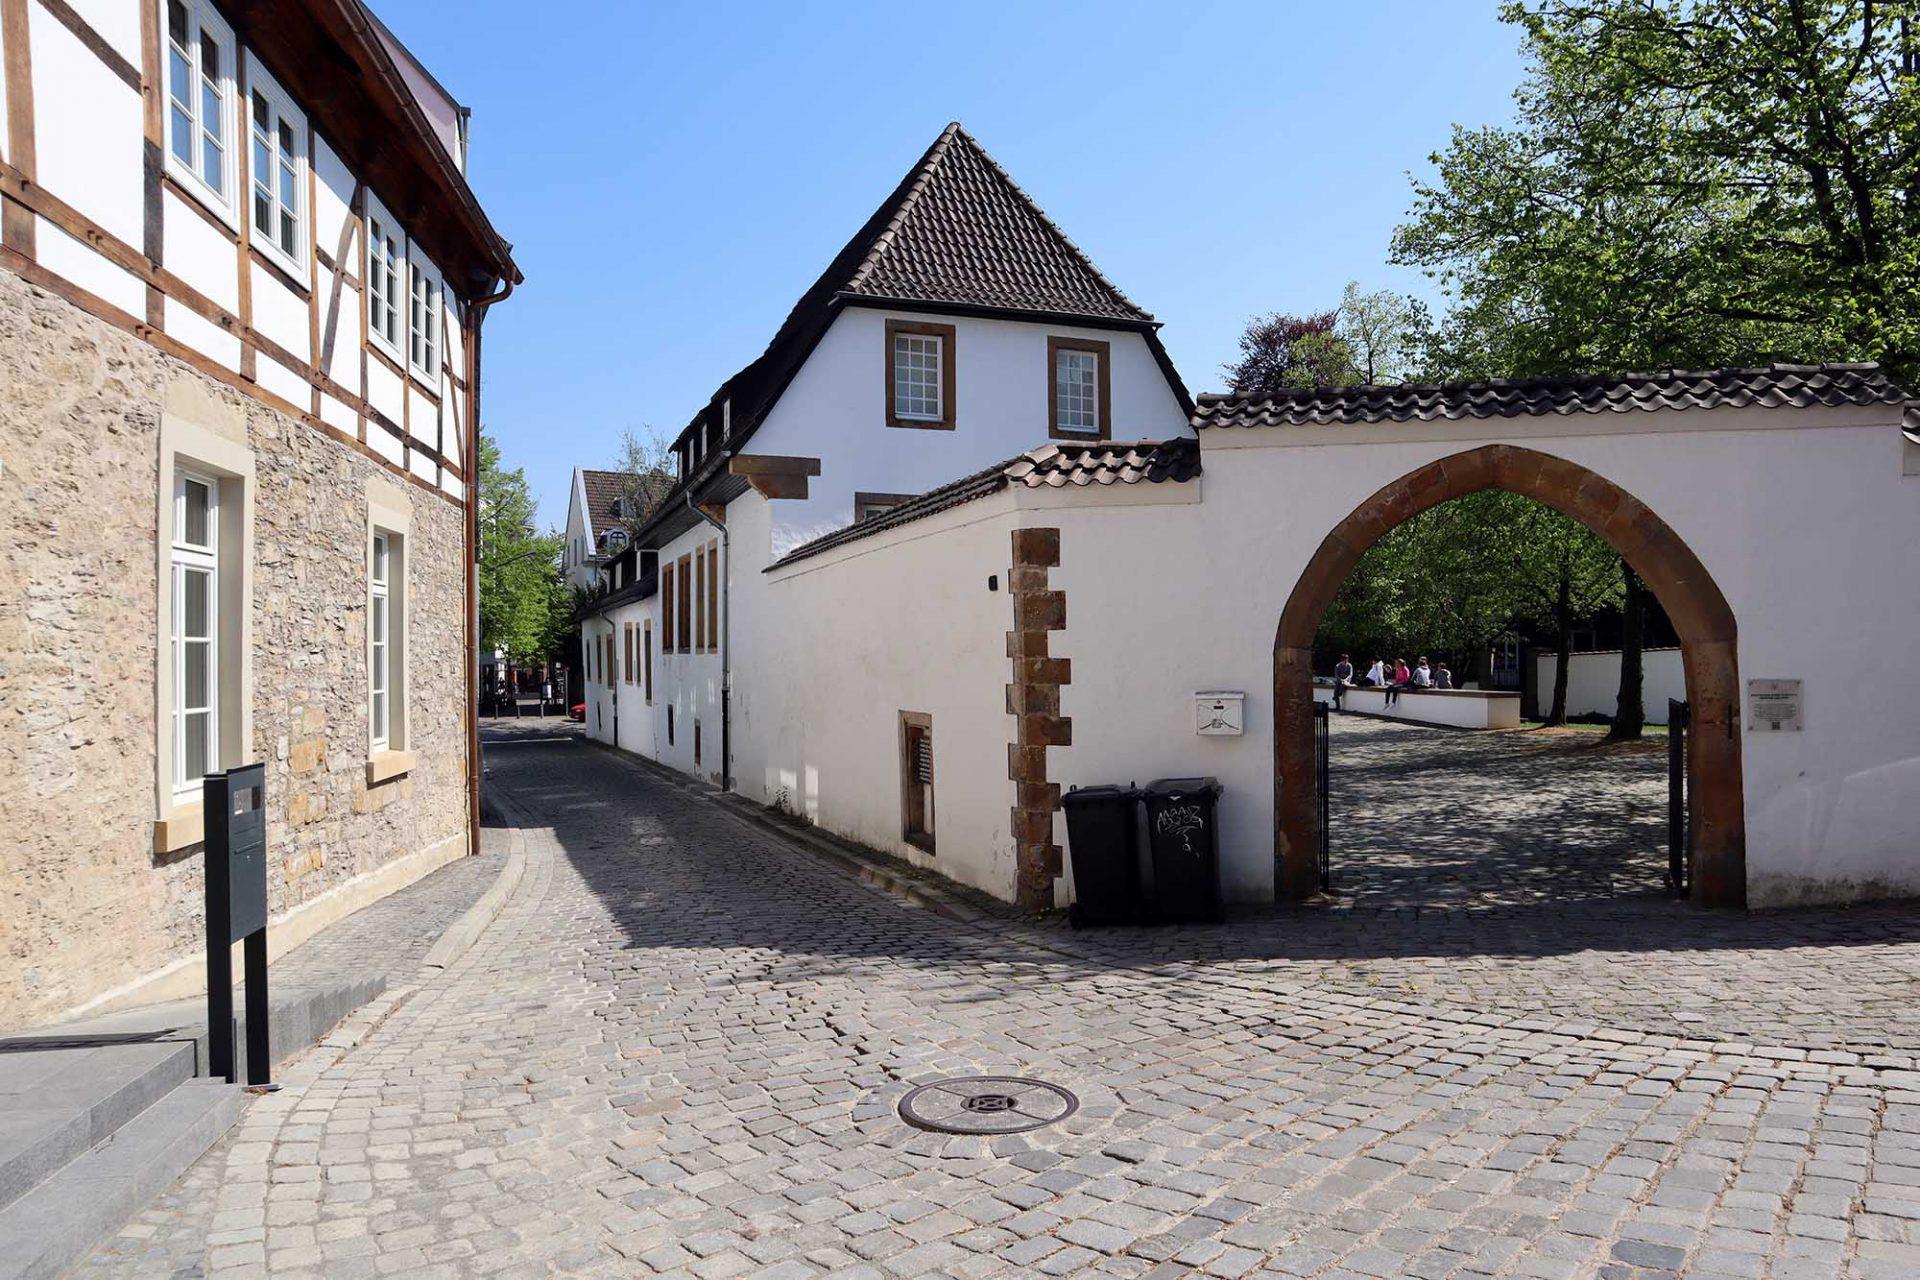 Bielefelder Kunstverein. Die Einrichtung befindet sich in einem ehemaligen Adelshof aus dem 16. Jahrhundert.